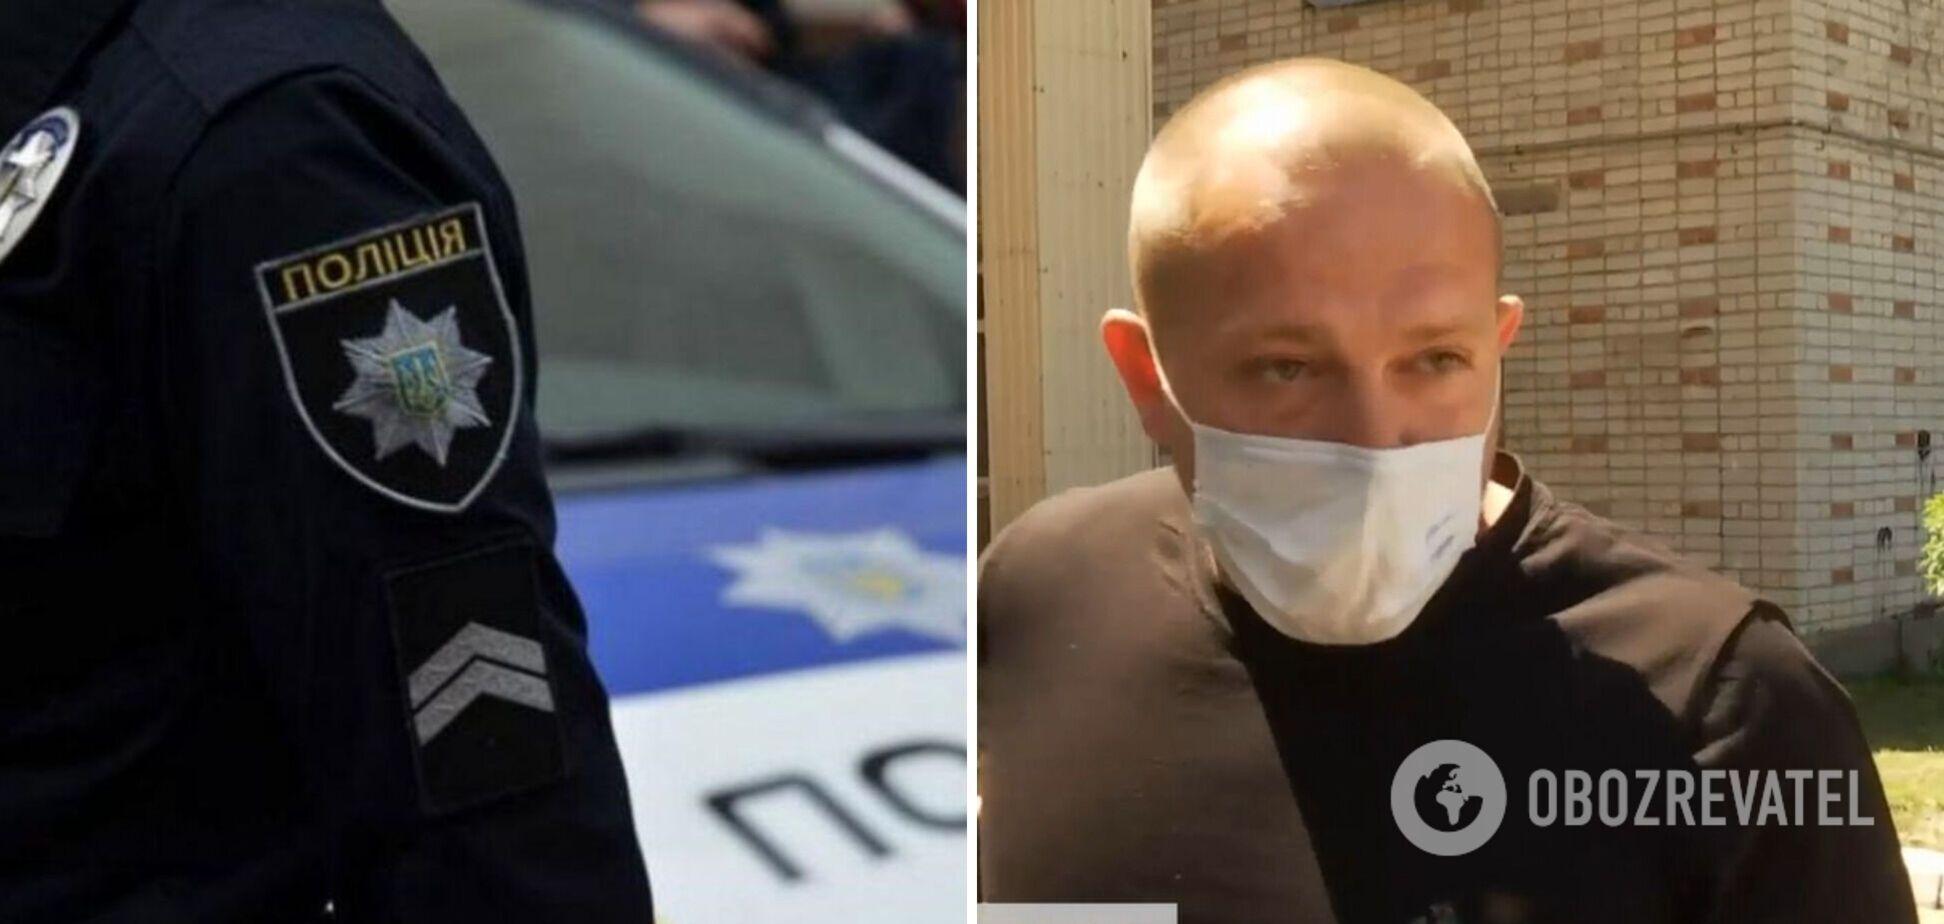 На Харьковщине пациент с друзьями жестоко избил врачей: подробности скандала и видео